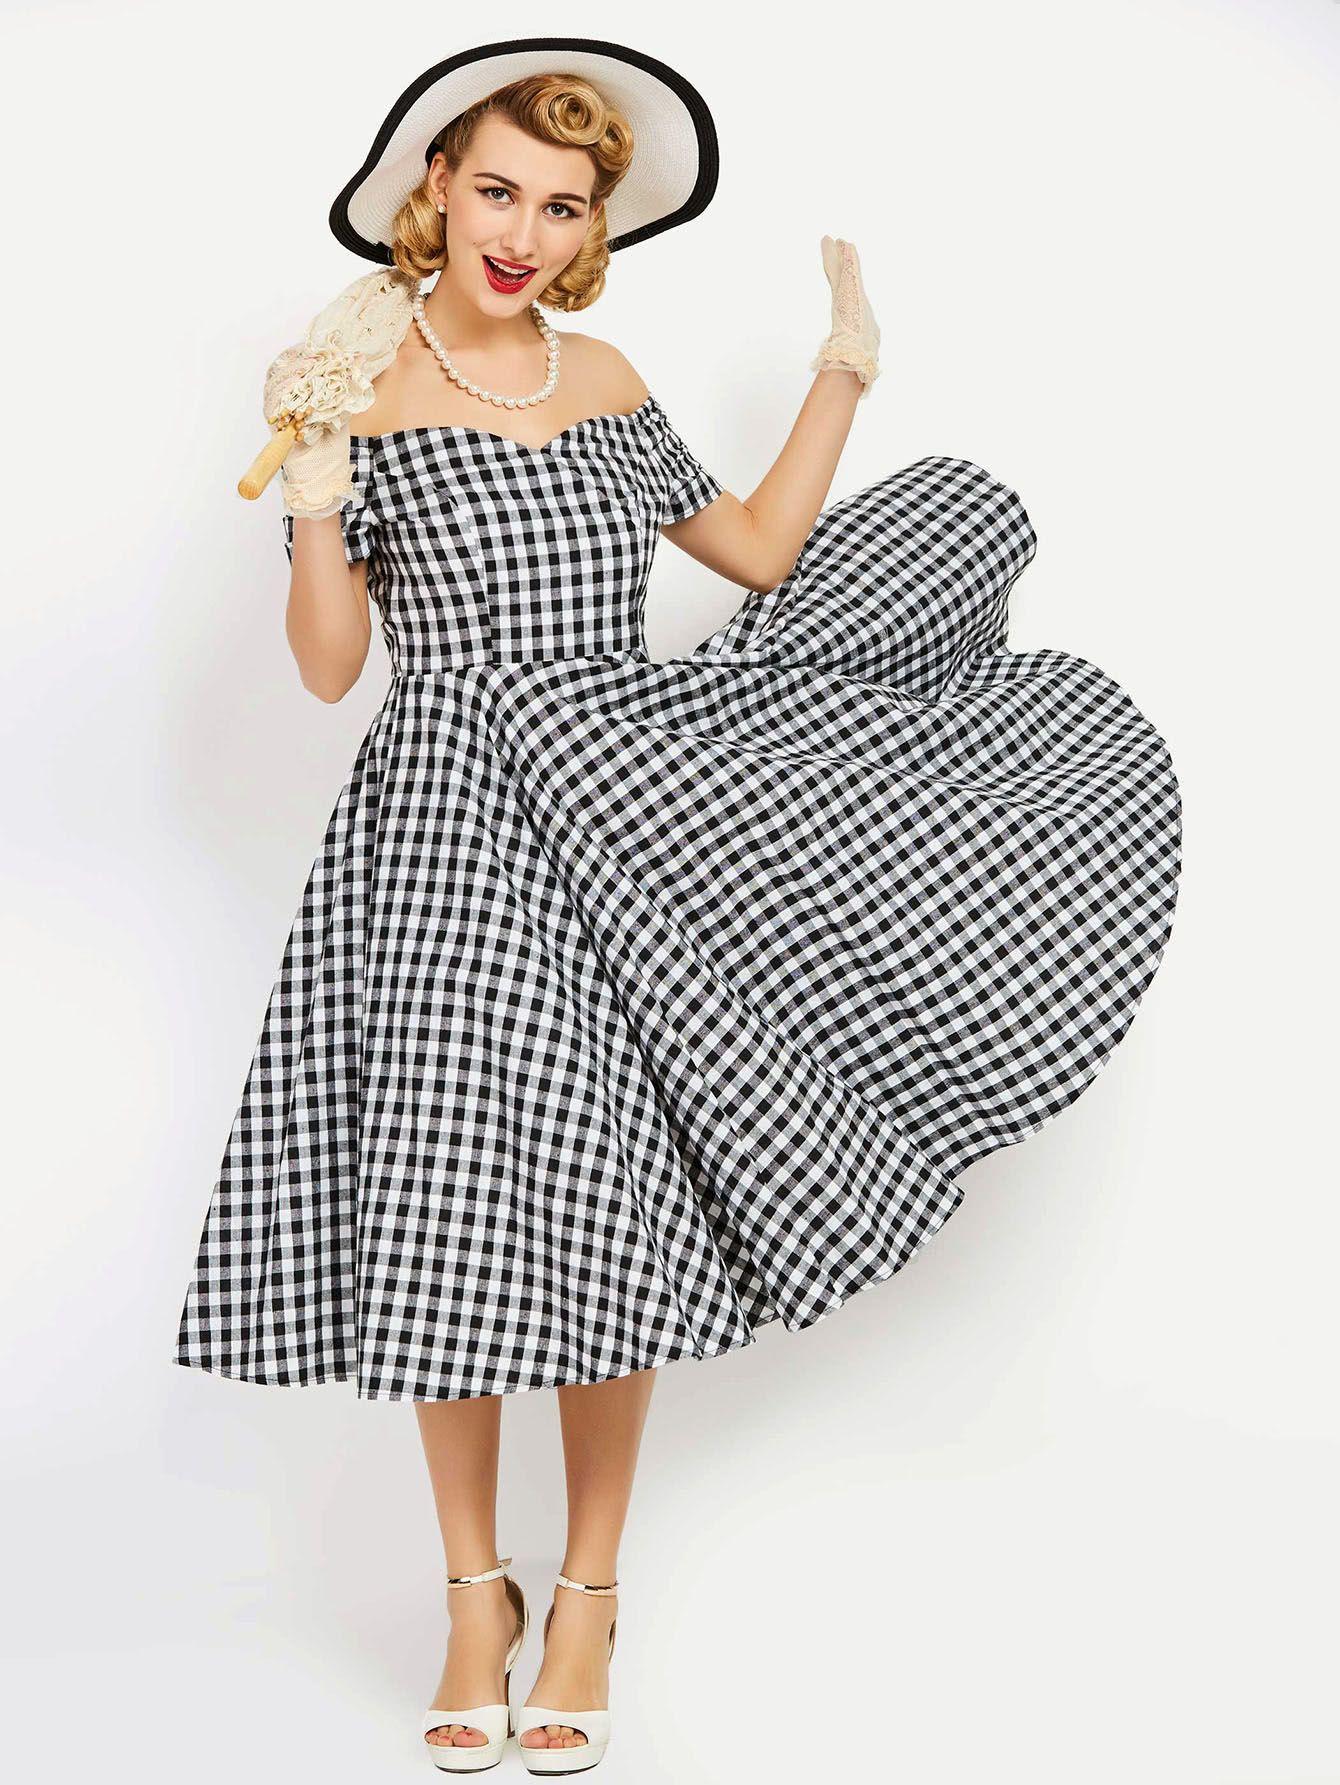 Consigue Este Tipo De Vestido Informal Shein Ahora Haz Clic Para Ver Los